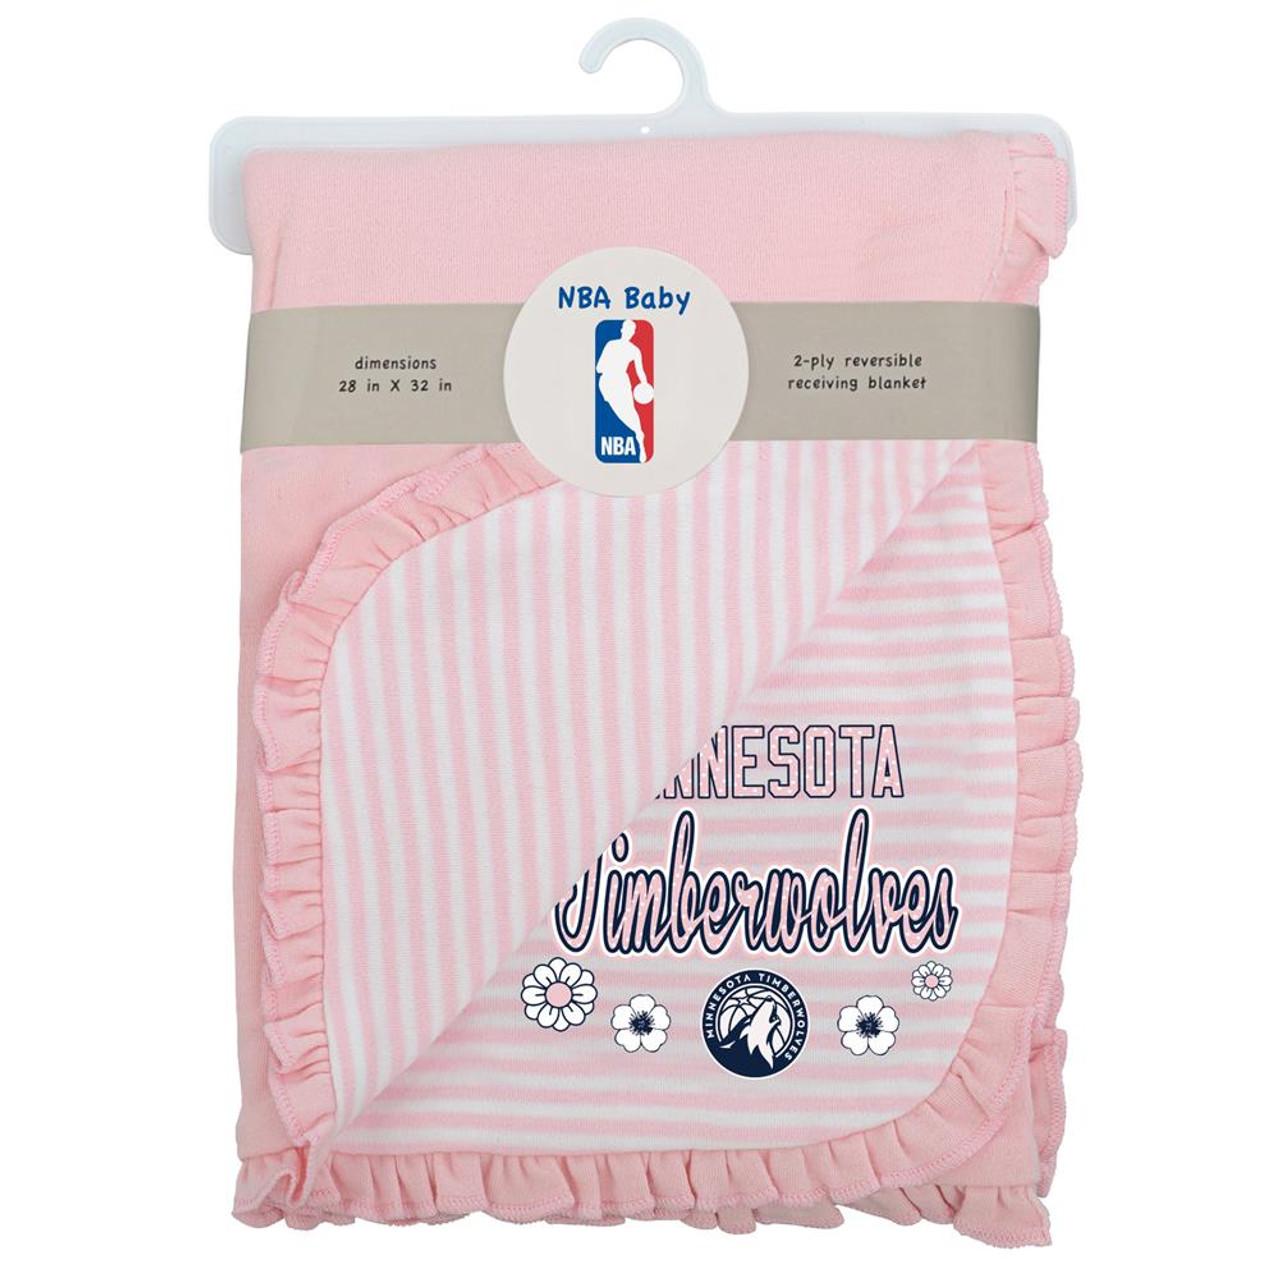 Minnesota Timberwolves Receiving Blanket Sweet Fan Swaddler